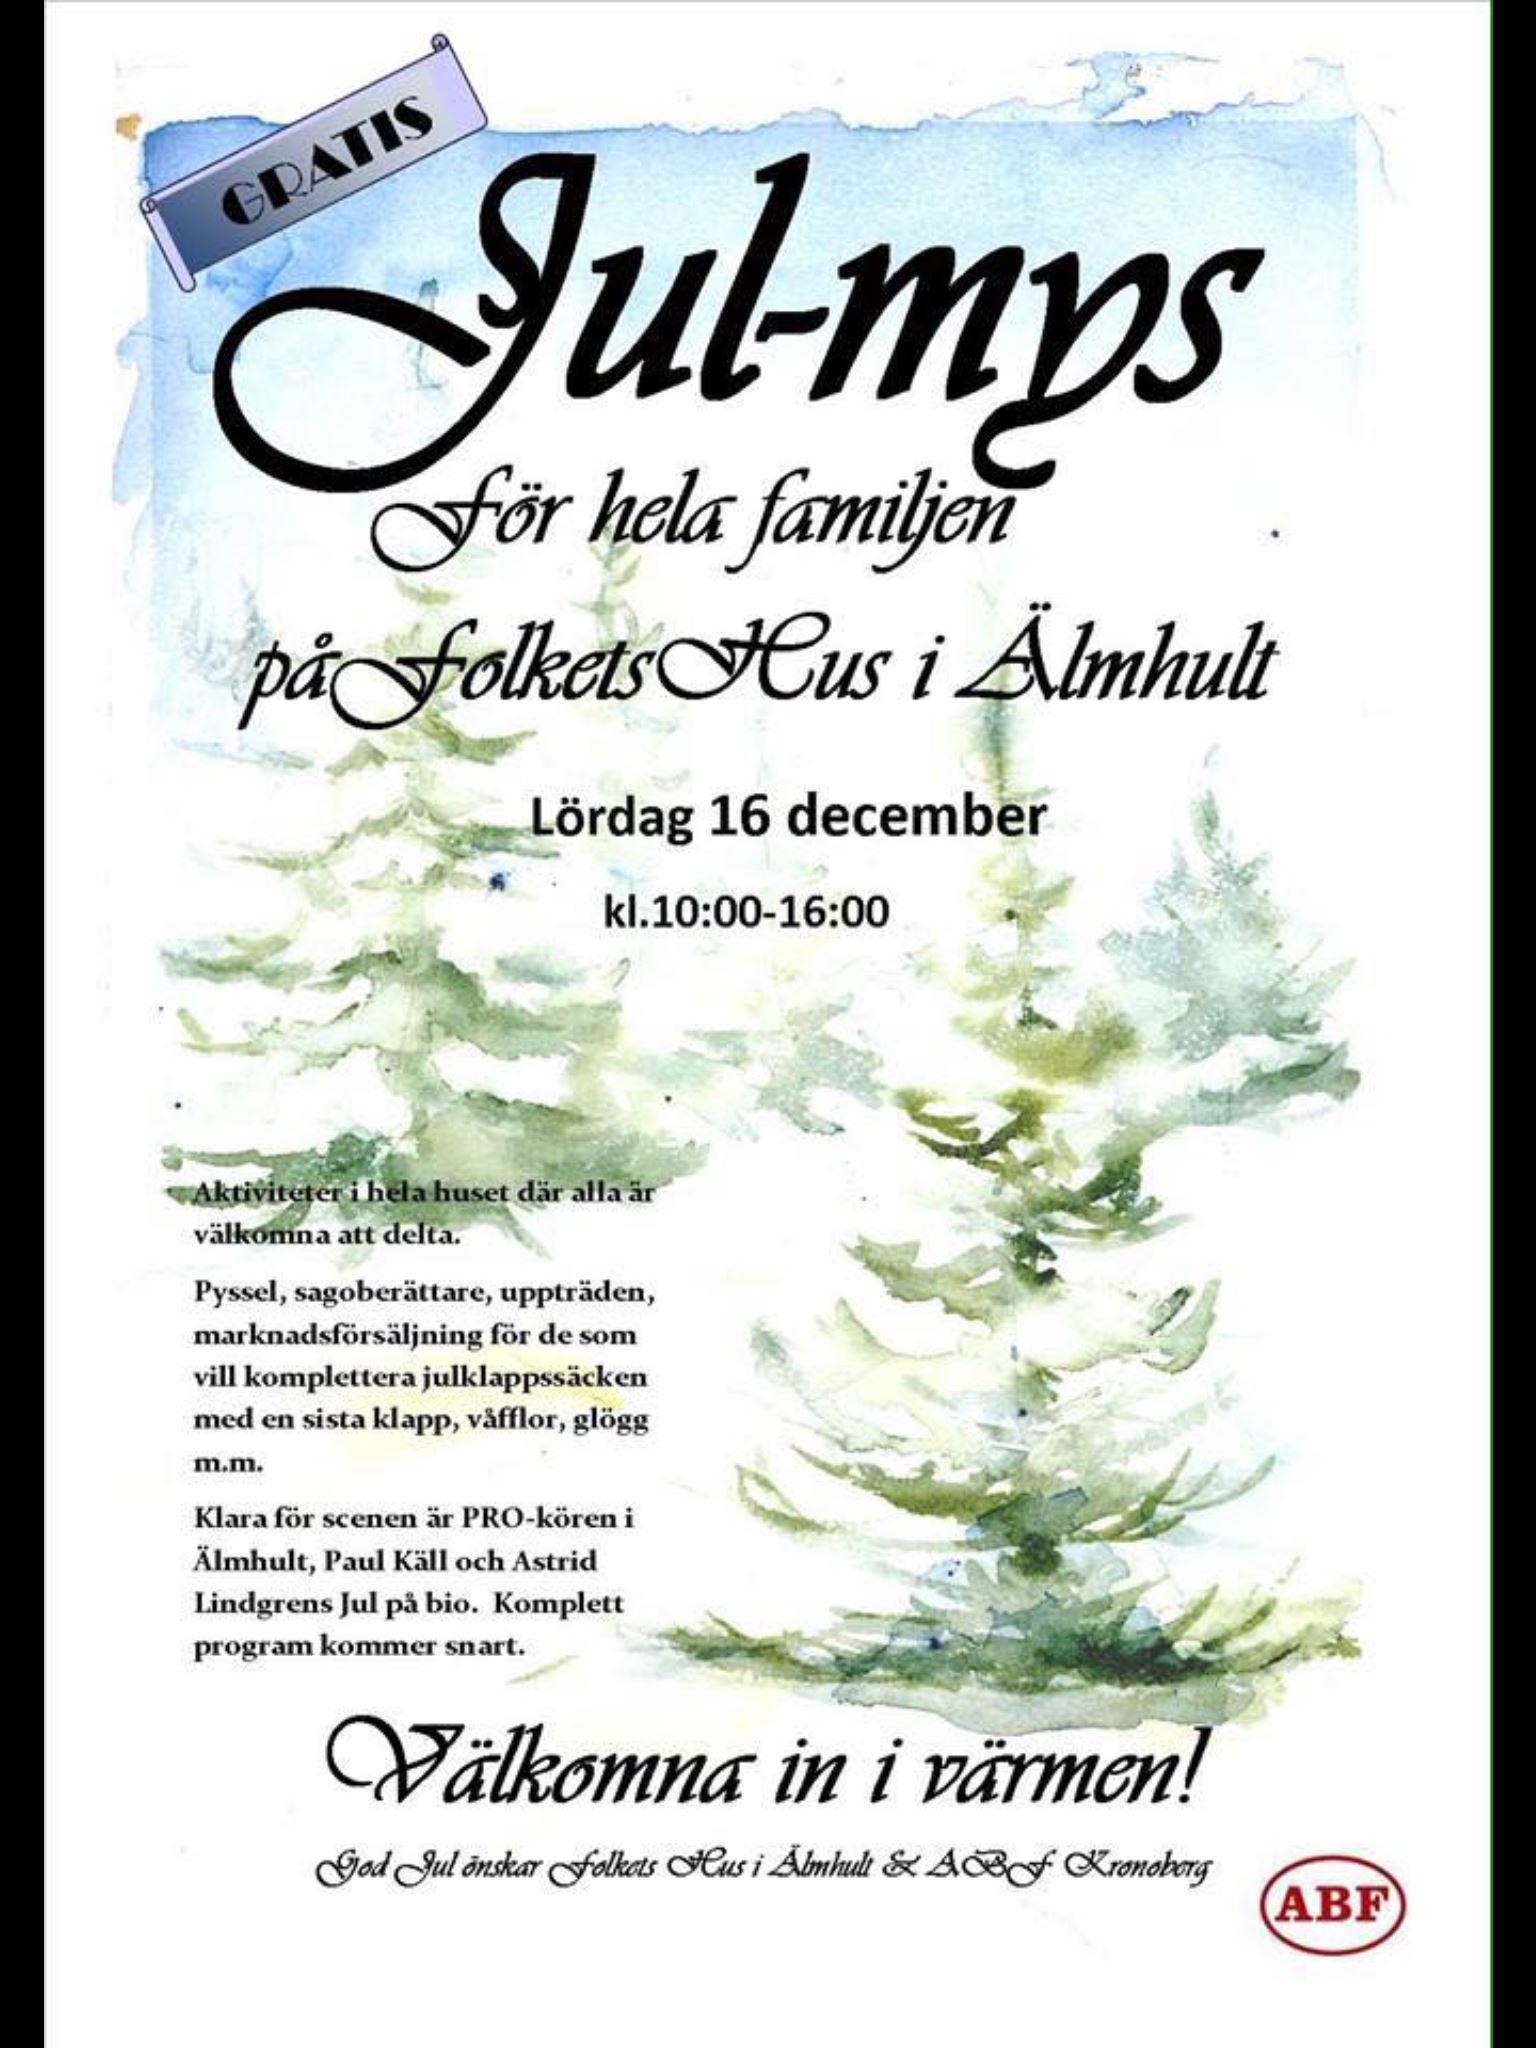 Julmys på Folkets hus i Älmhult